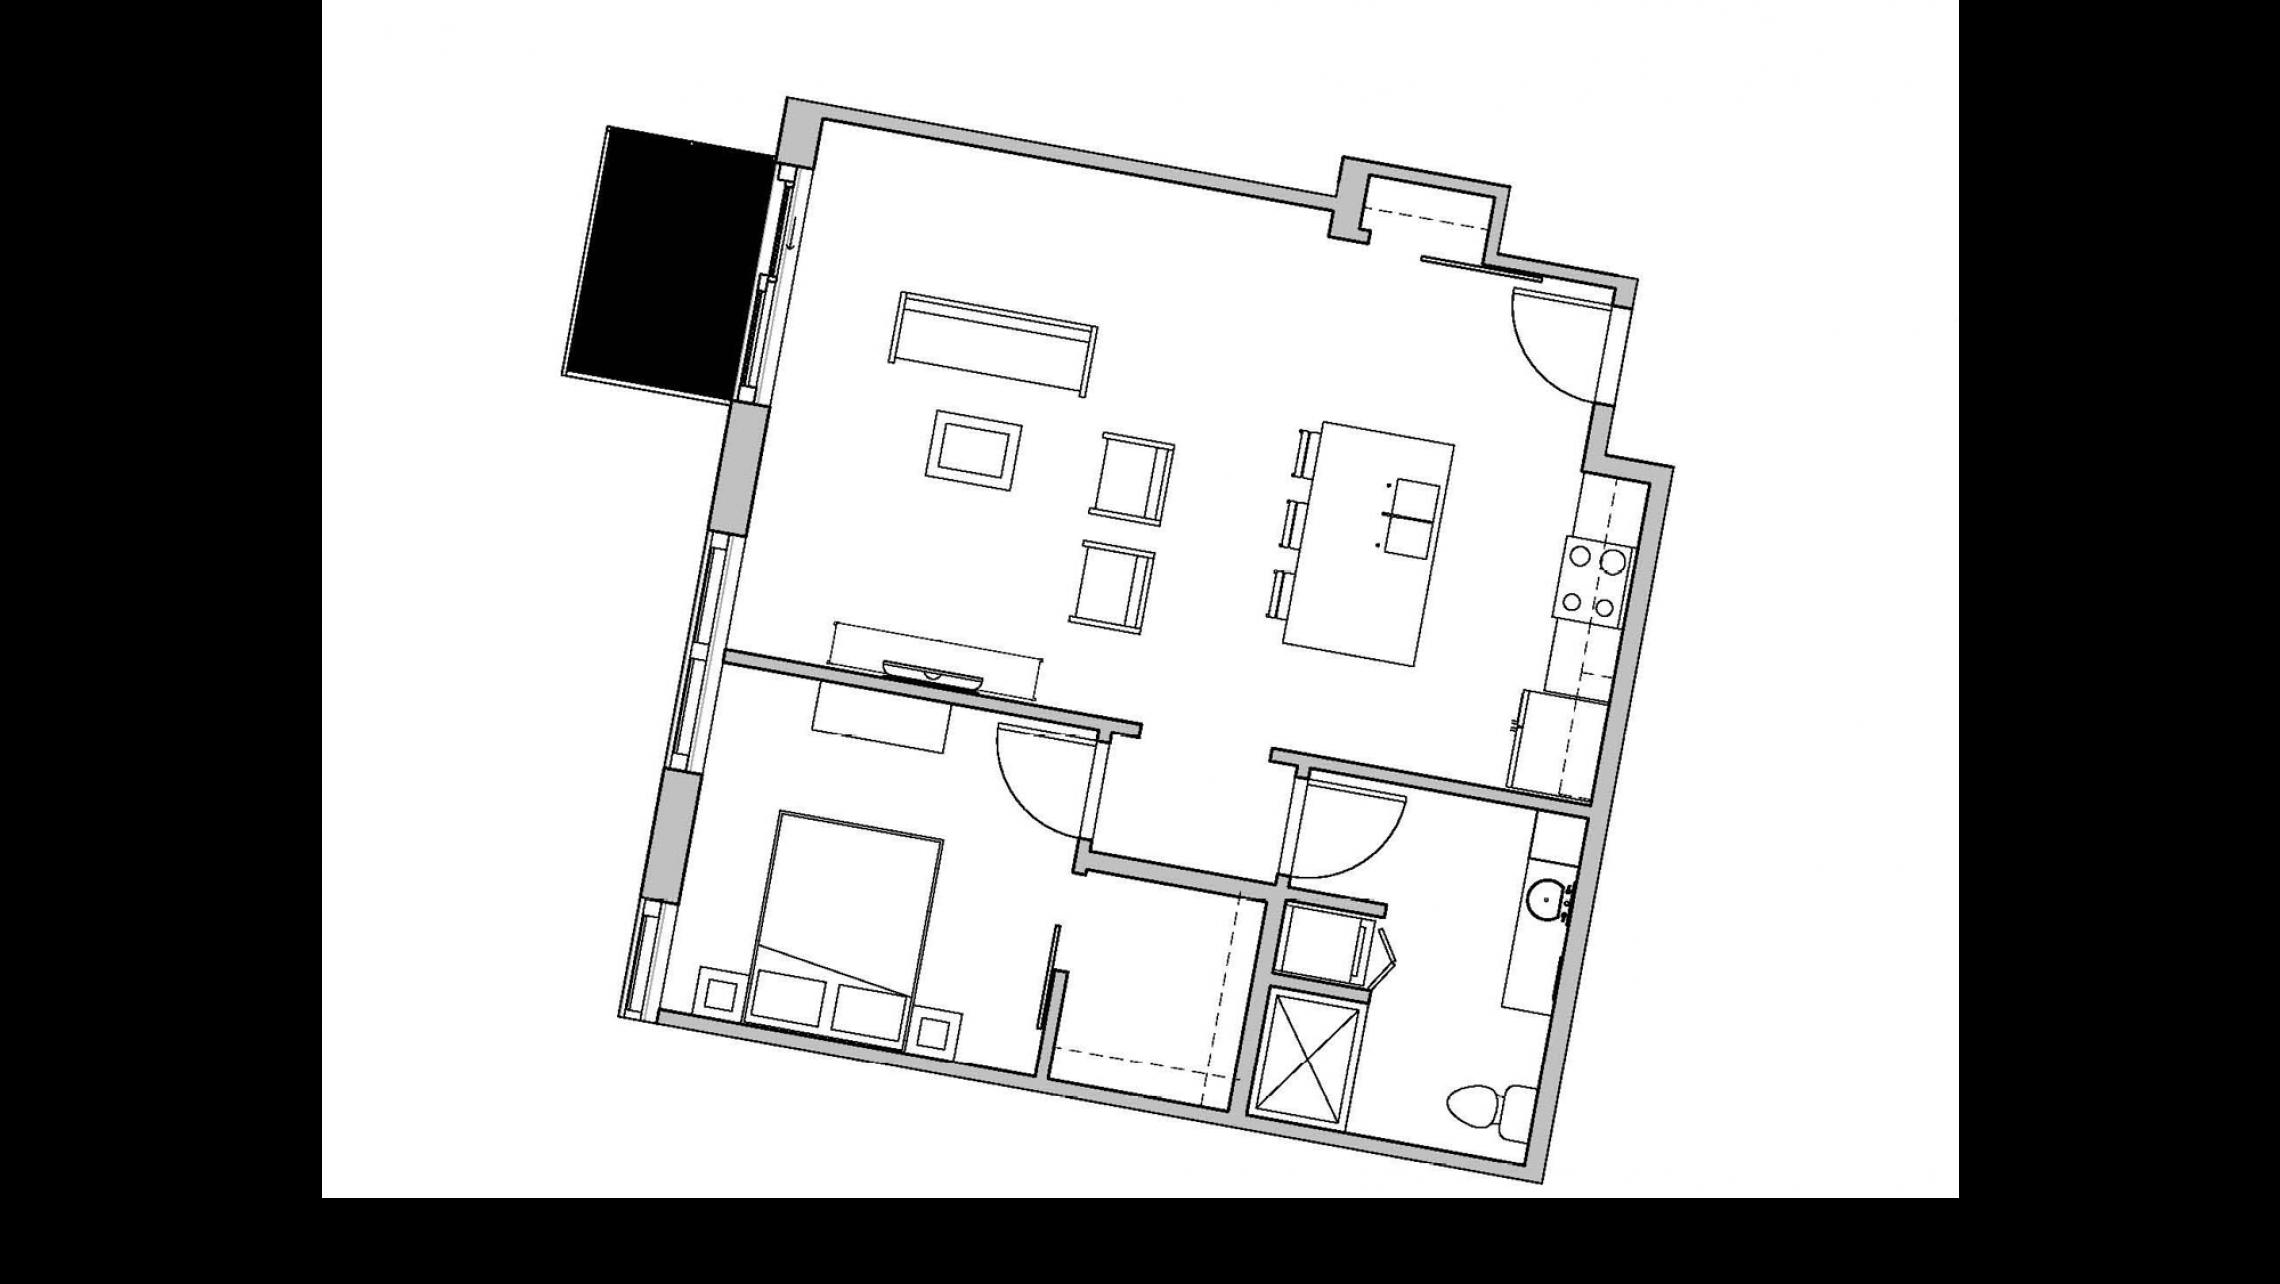 ULI Seven27 433 - One Bedroom, One Bathroom